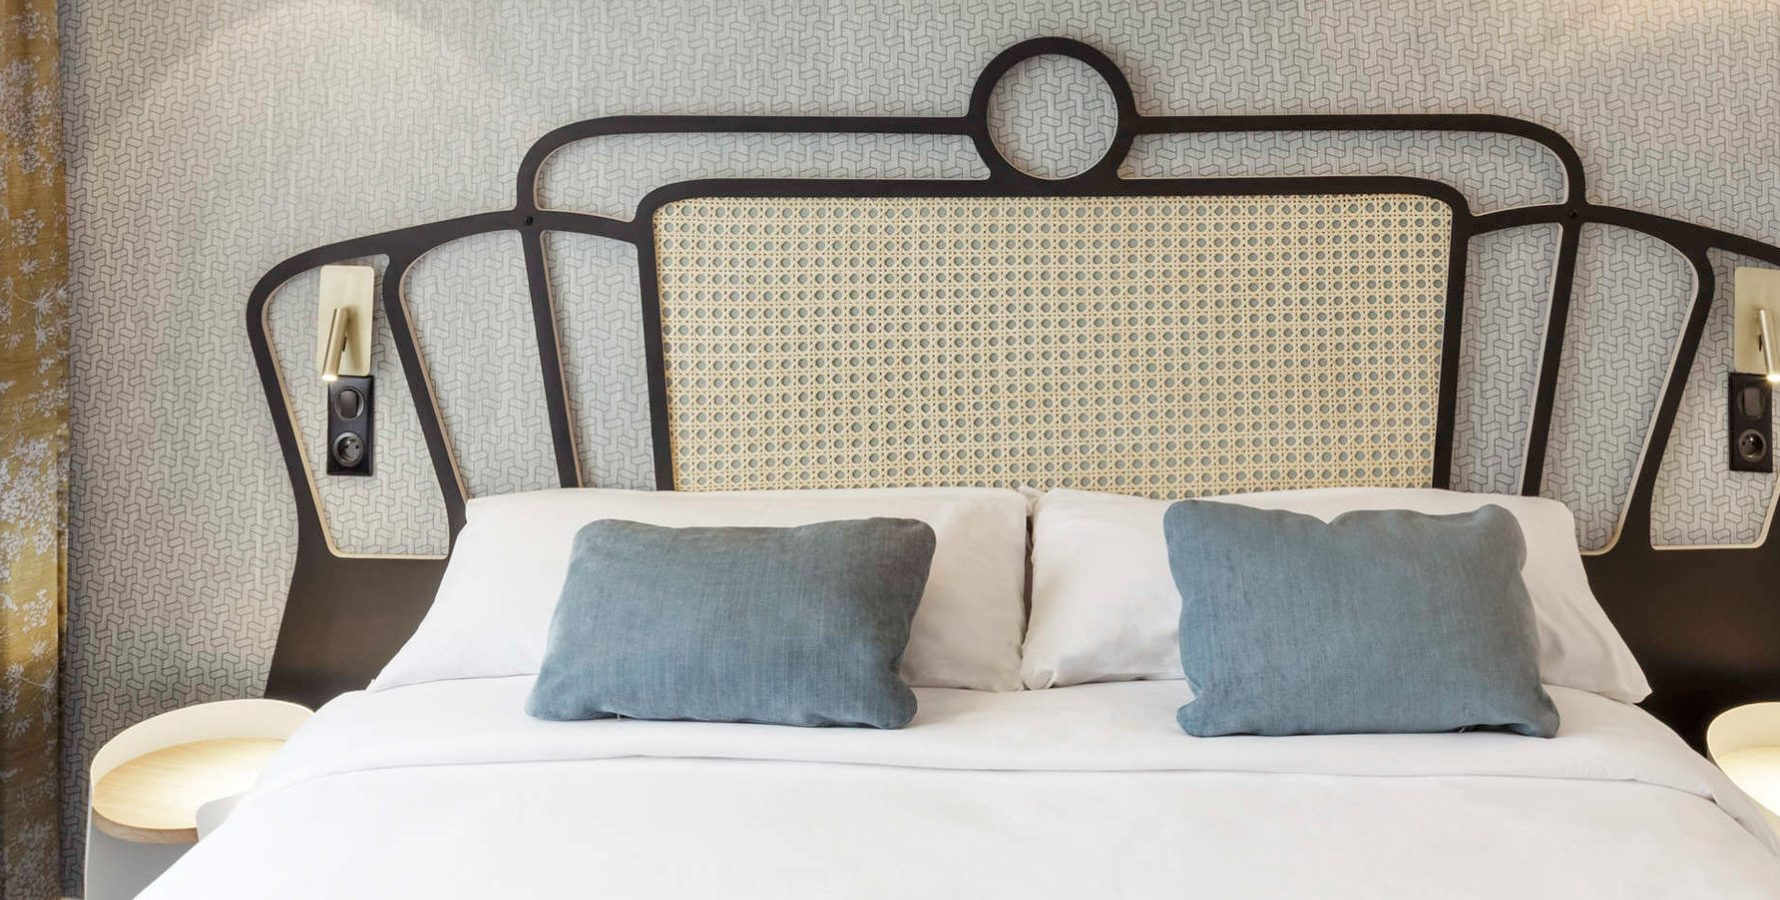 Tête de lit Louison en cannage dans un style champêtre chic